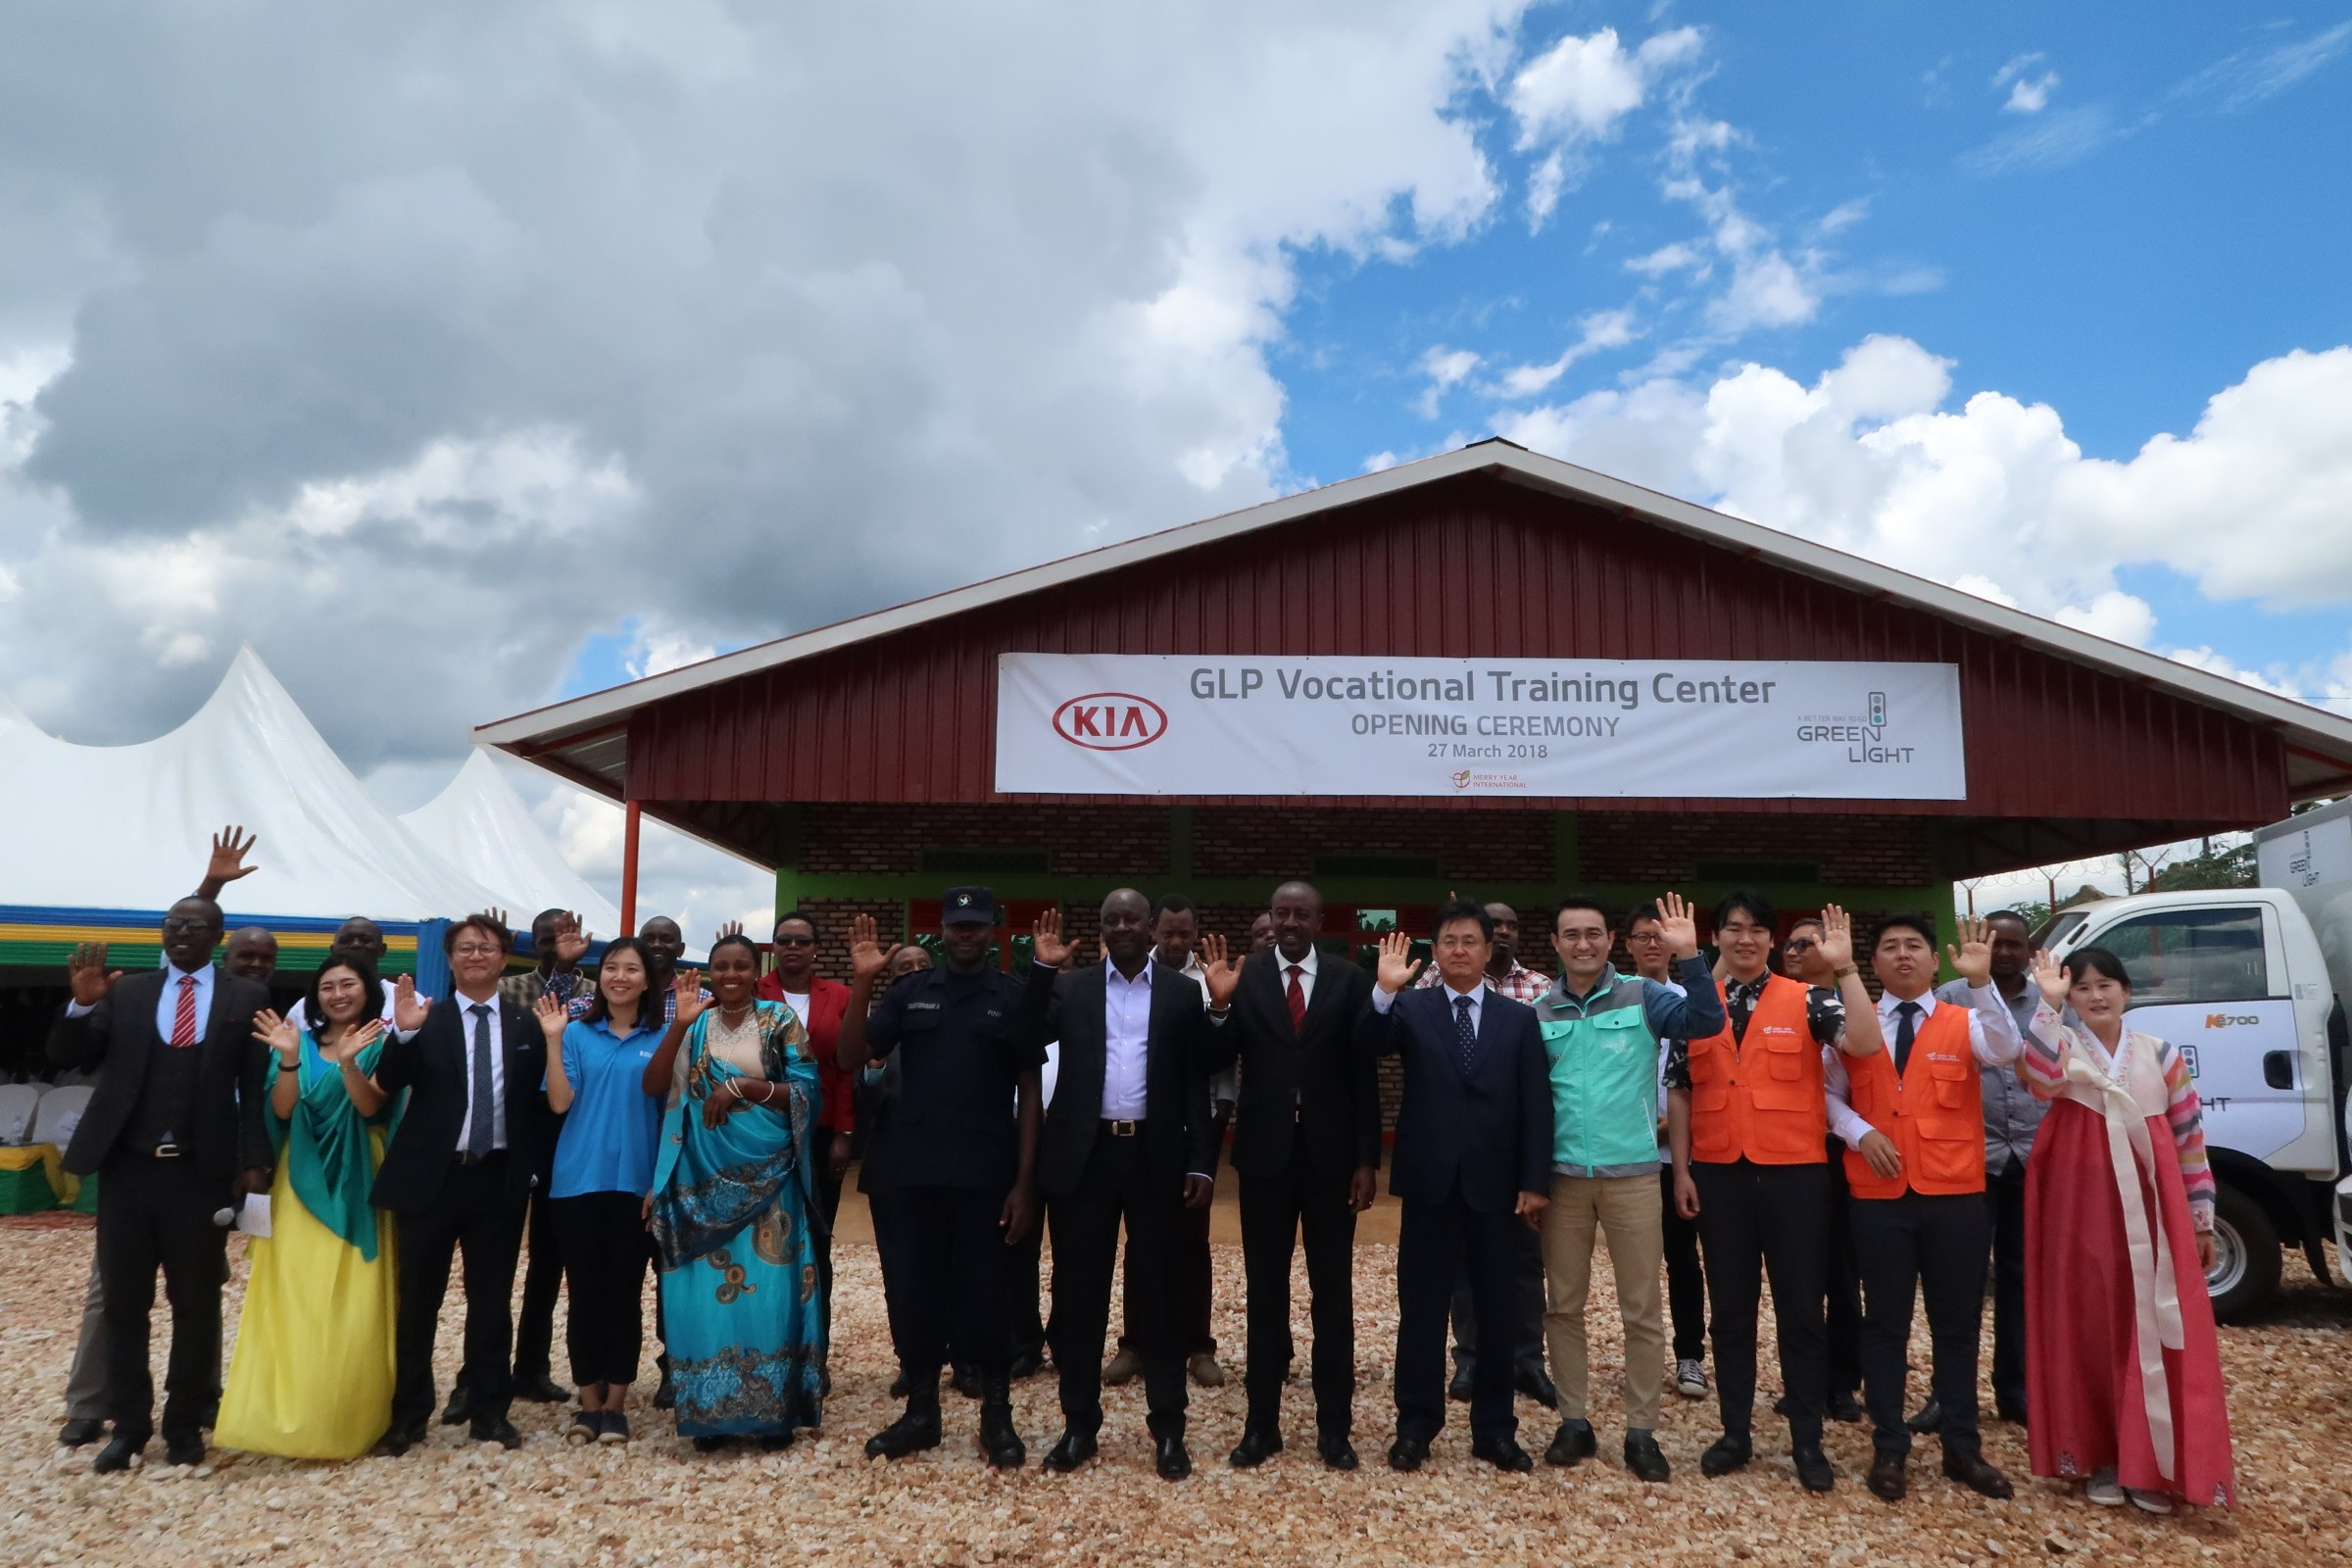 Η Kia εγκαινιάζει το Κέντρο Επαγγελματικής Κατάρτισης«Green Light» στη Ρουάντα